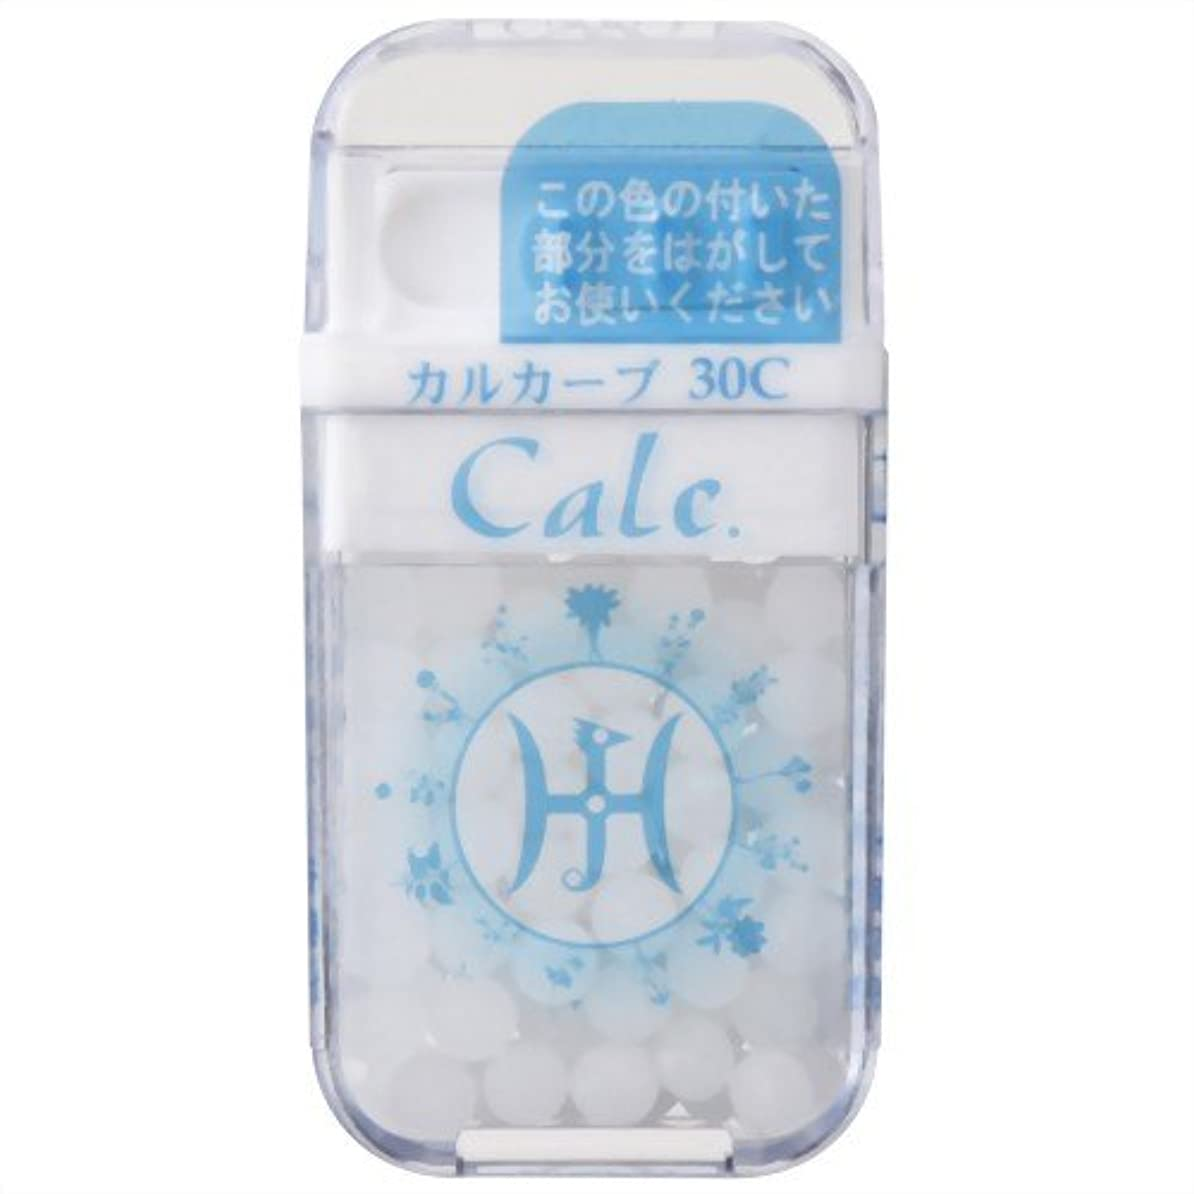 症状副産物フォーラムホメオパシージャパンレメディー Calc.  カルカーブ 30C (大ビン)